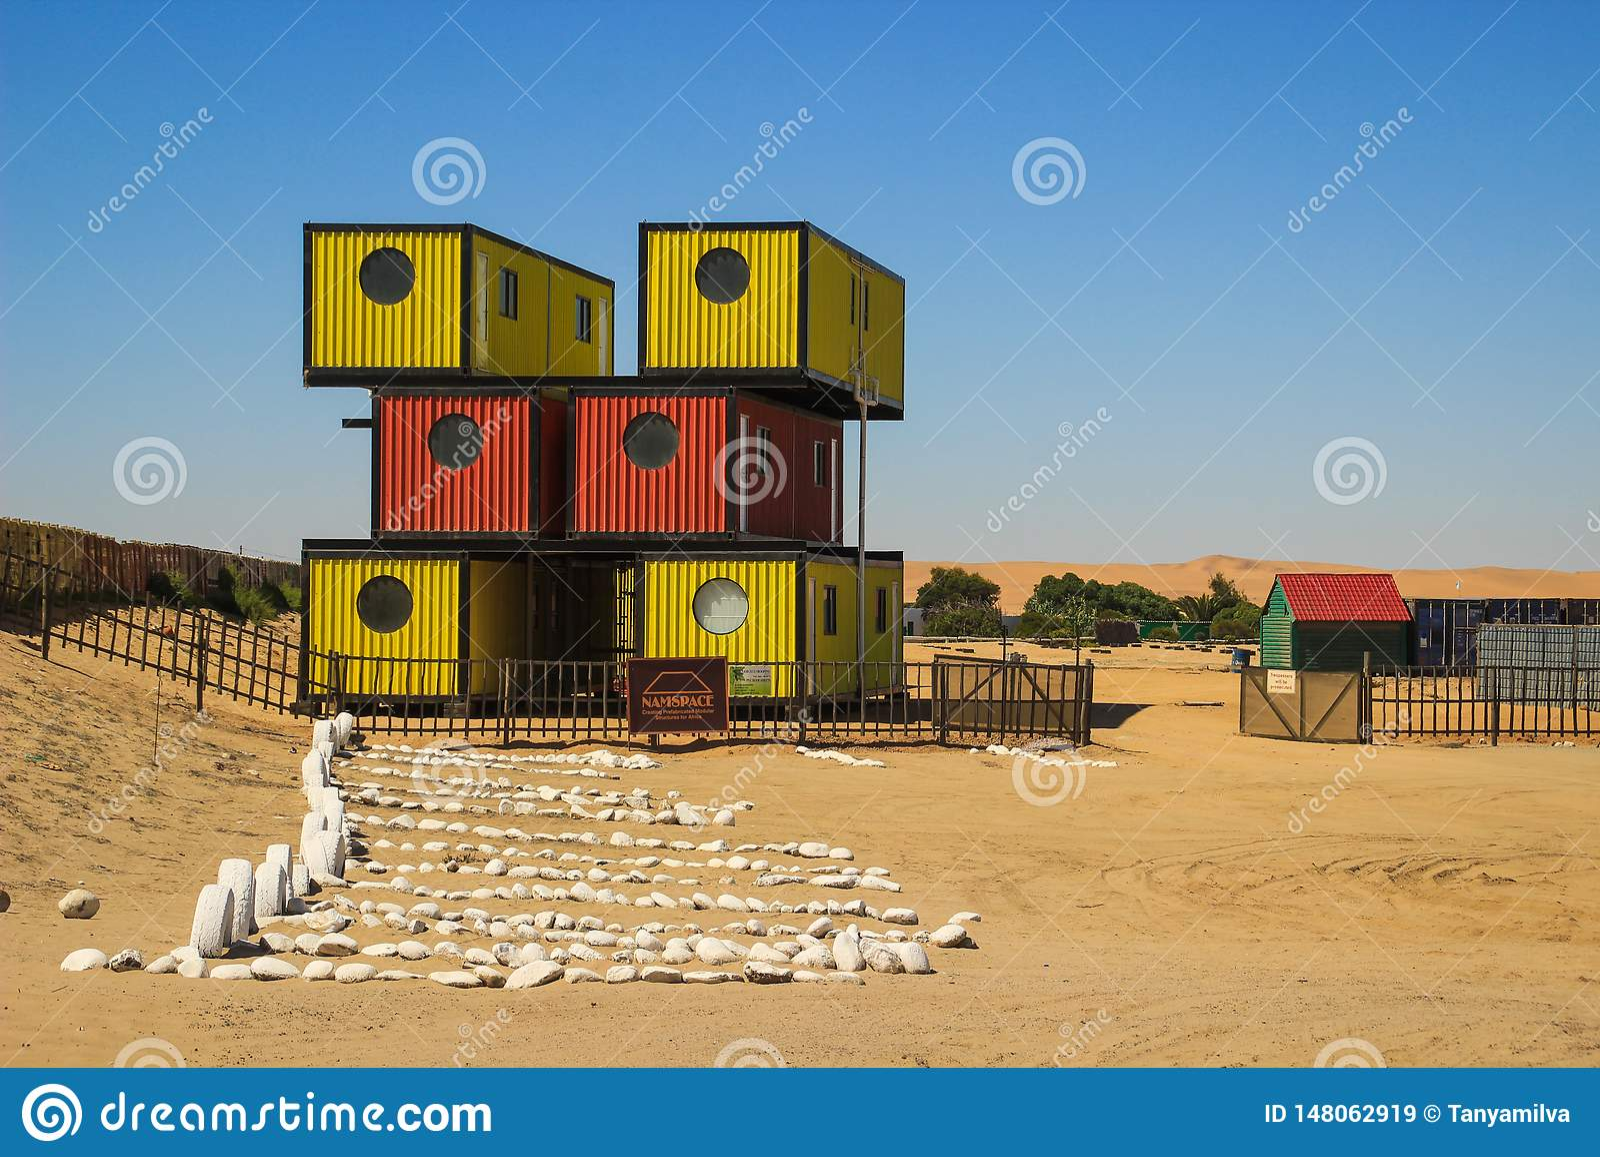 Een modern, eenvoudig, mobiel en compact containerhuis Het kaderhuis is heldere rood en geel